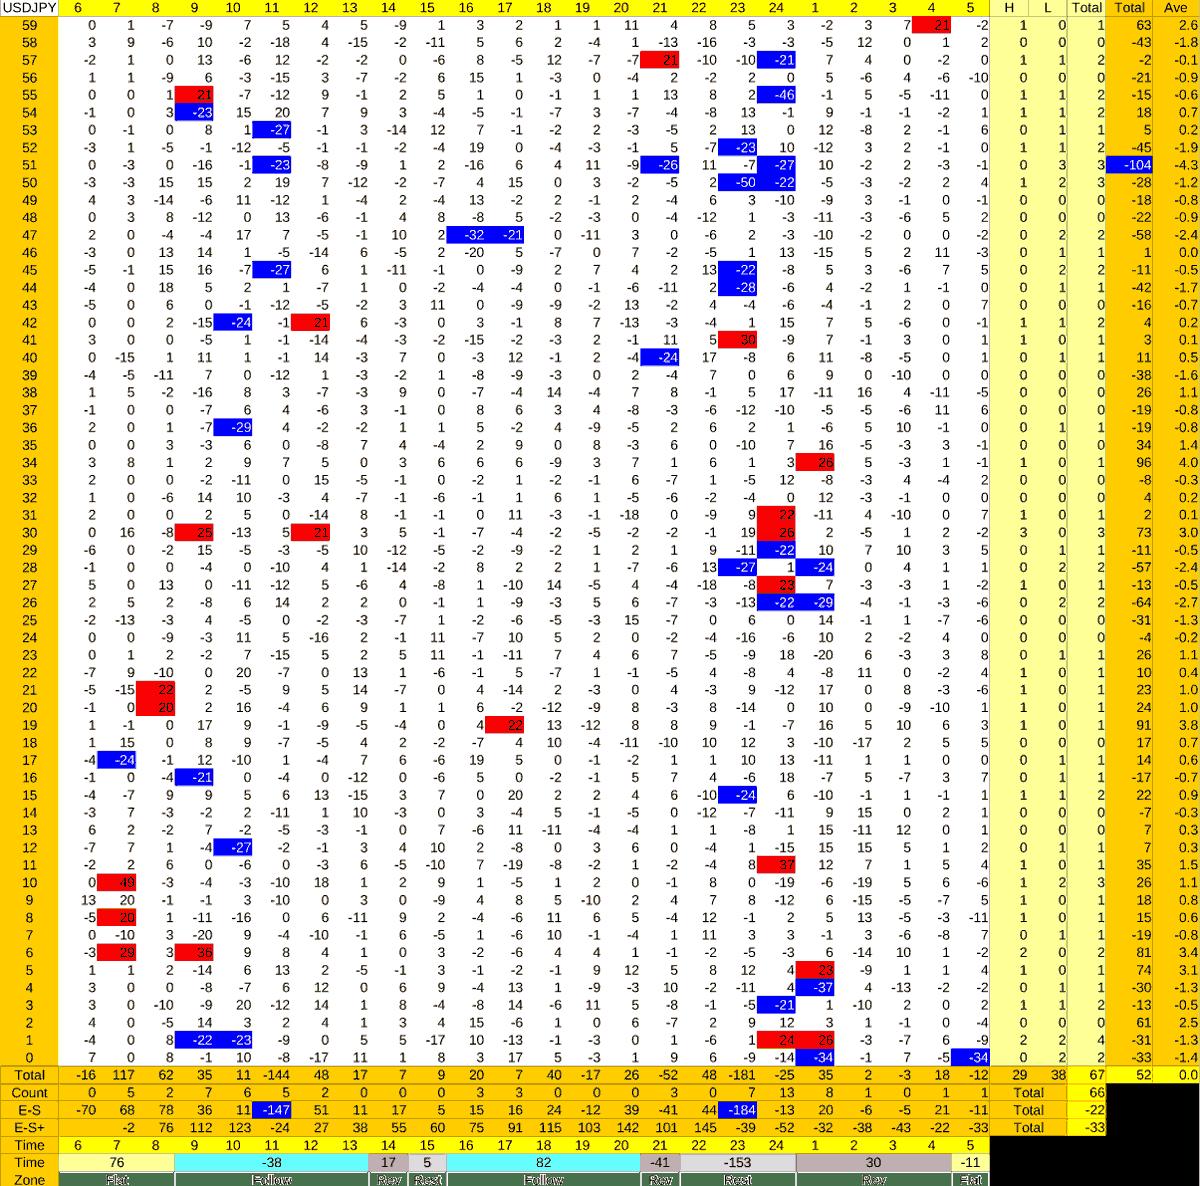 20210302_HS(1)USDJPY